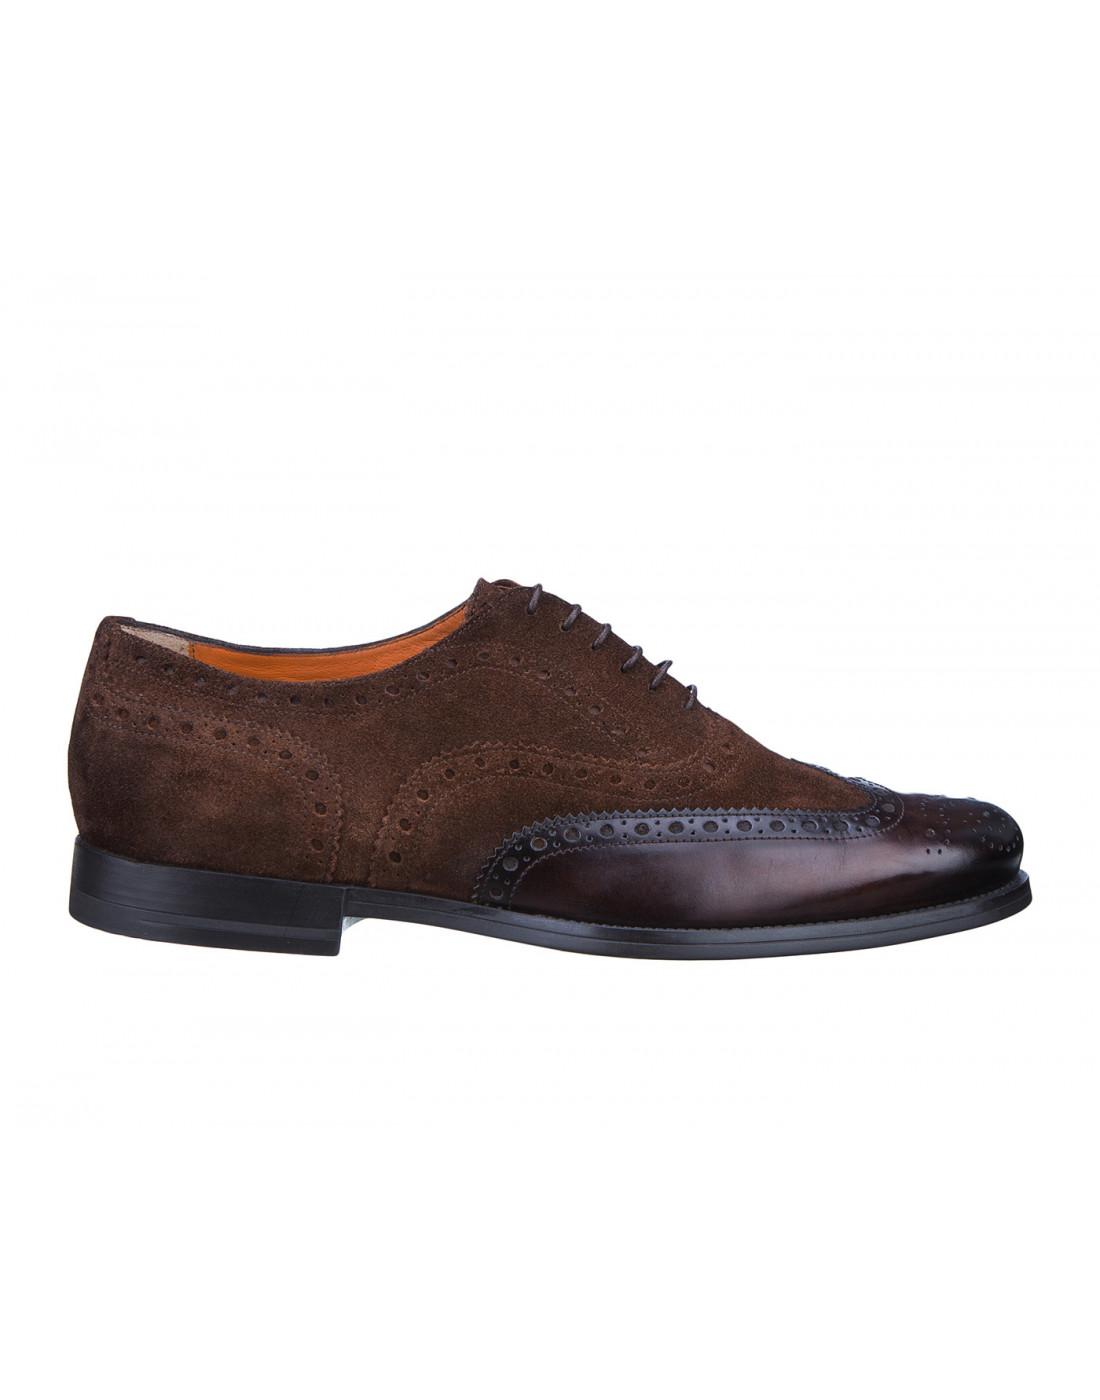 Туфли коричневые мужские Santoni S15752 - 50-1